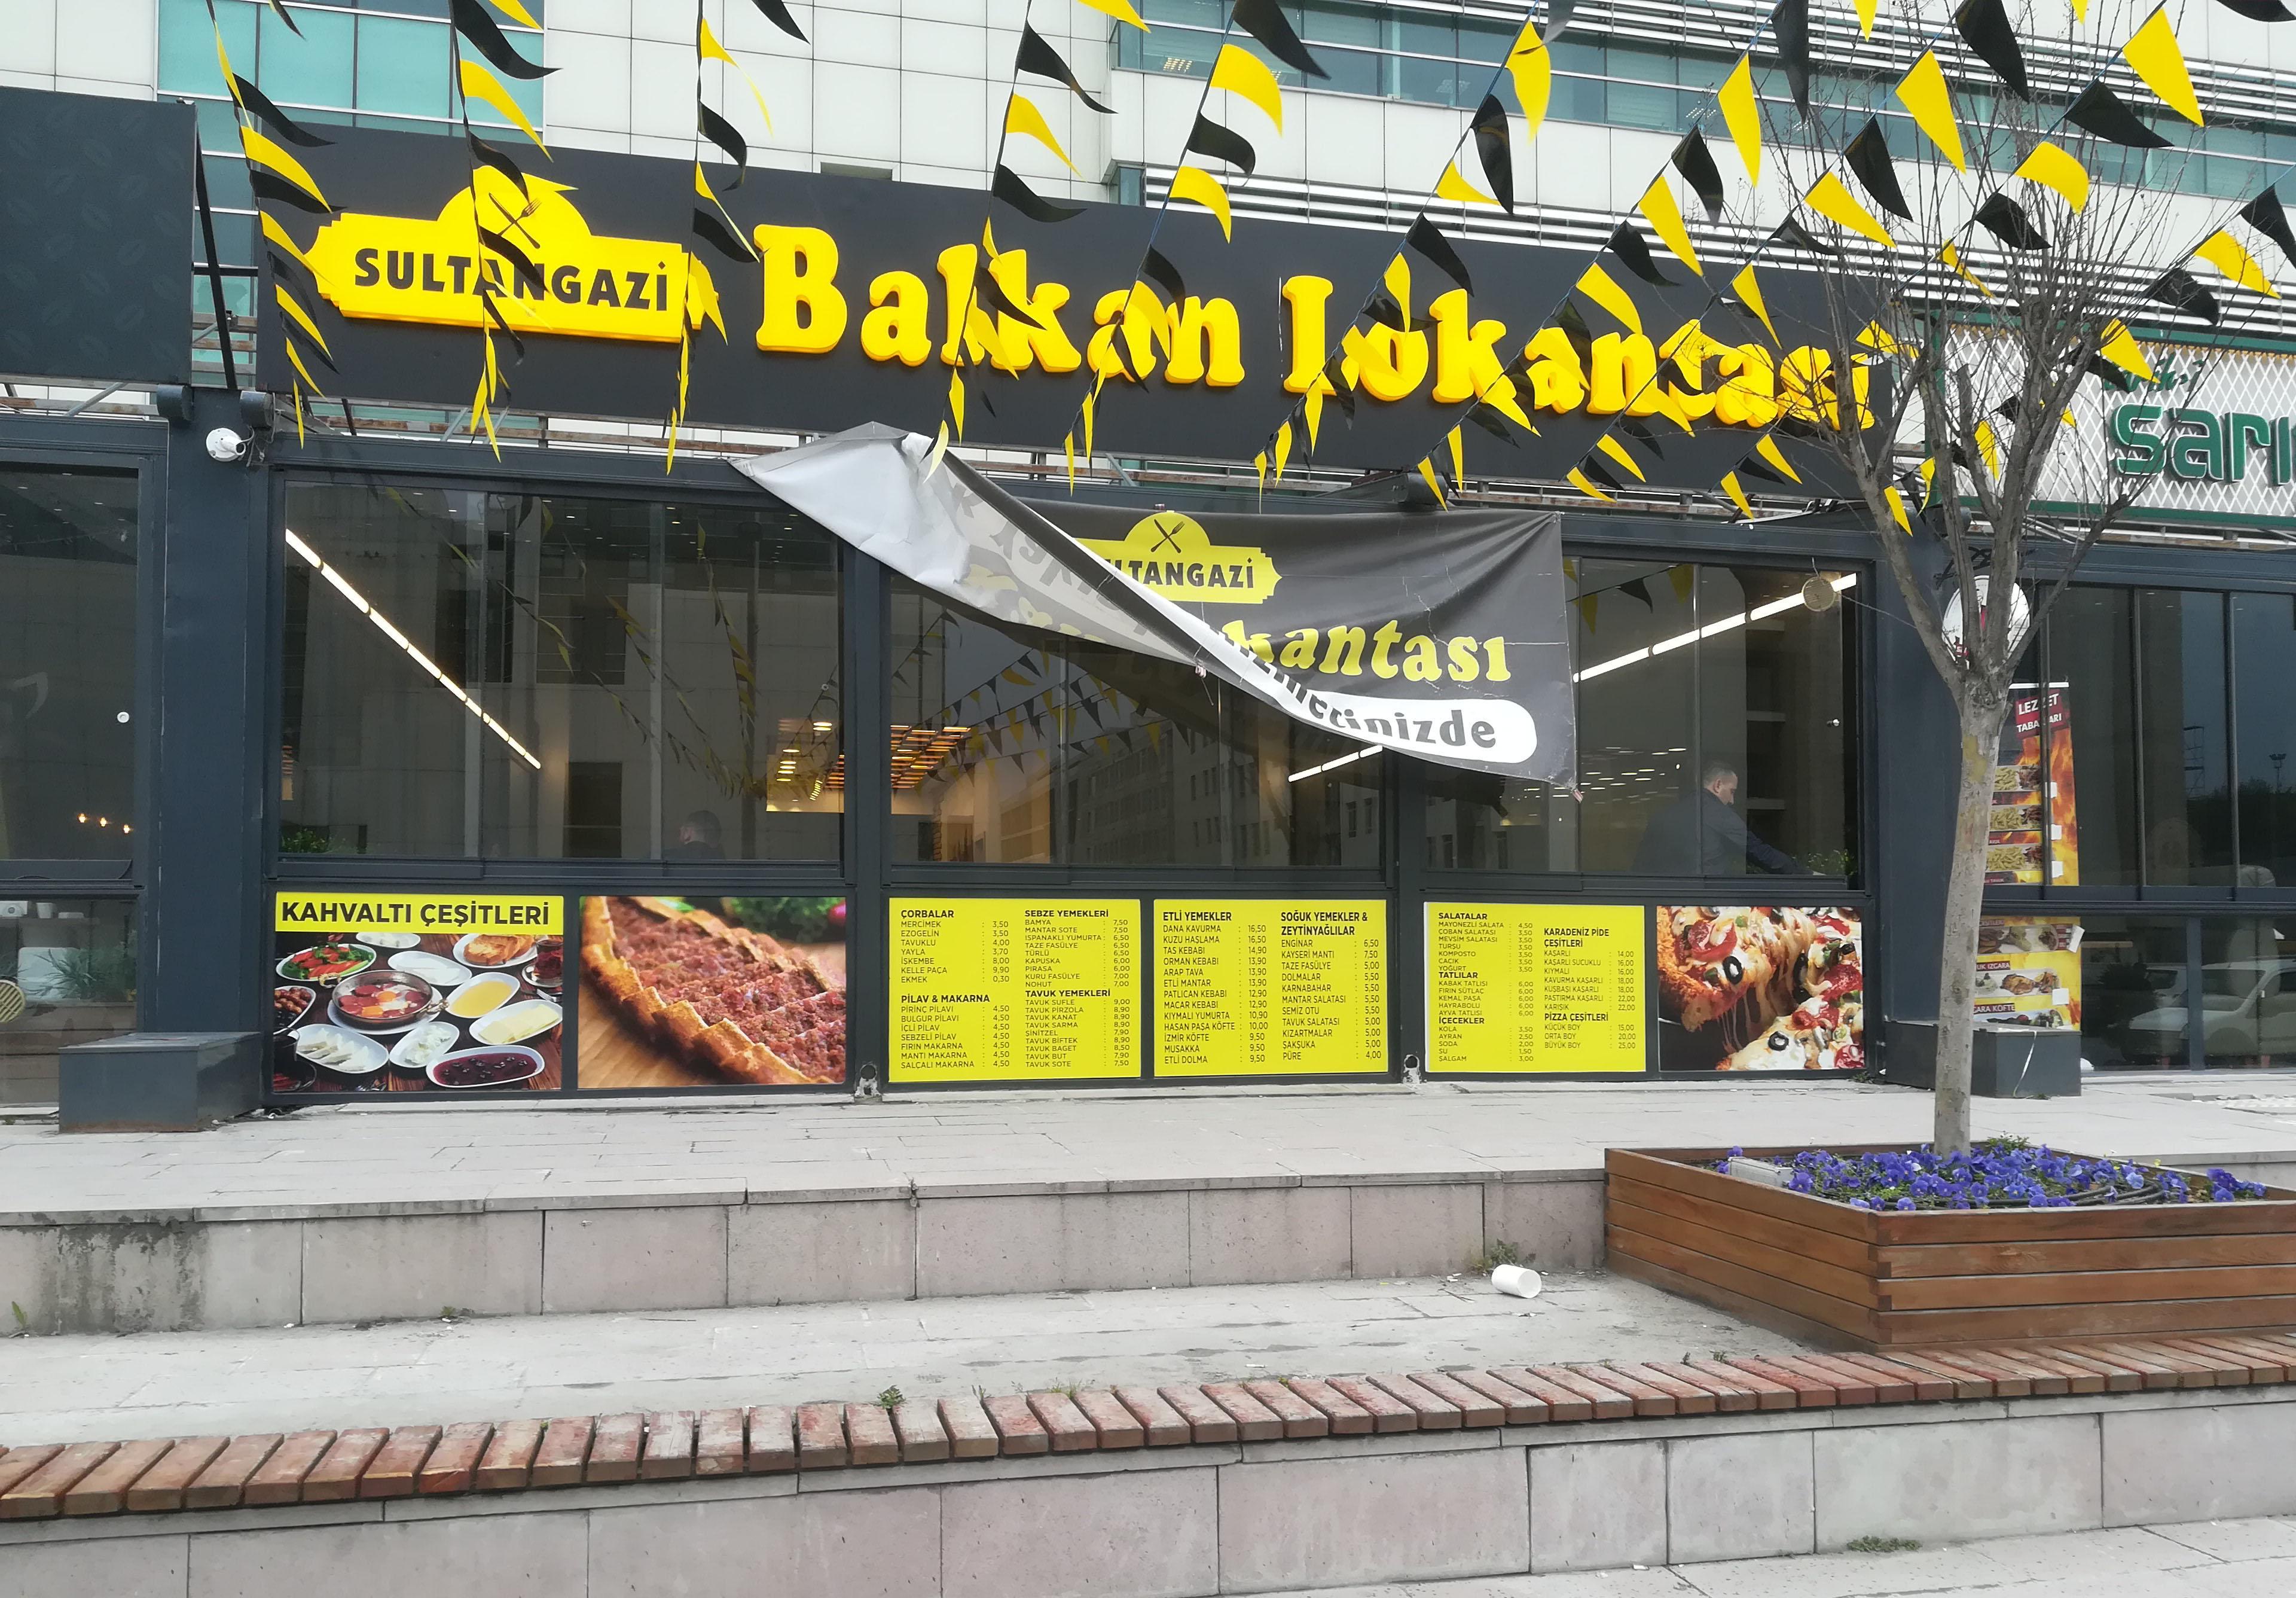 Balkan Lokantaları